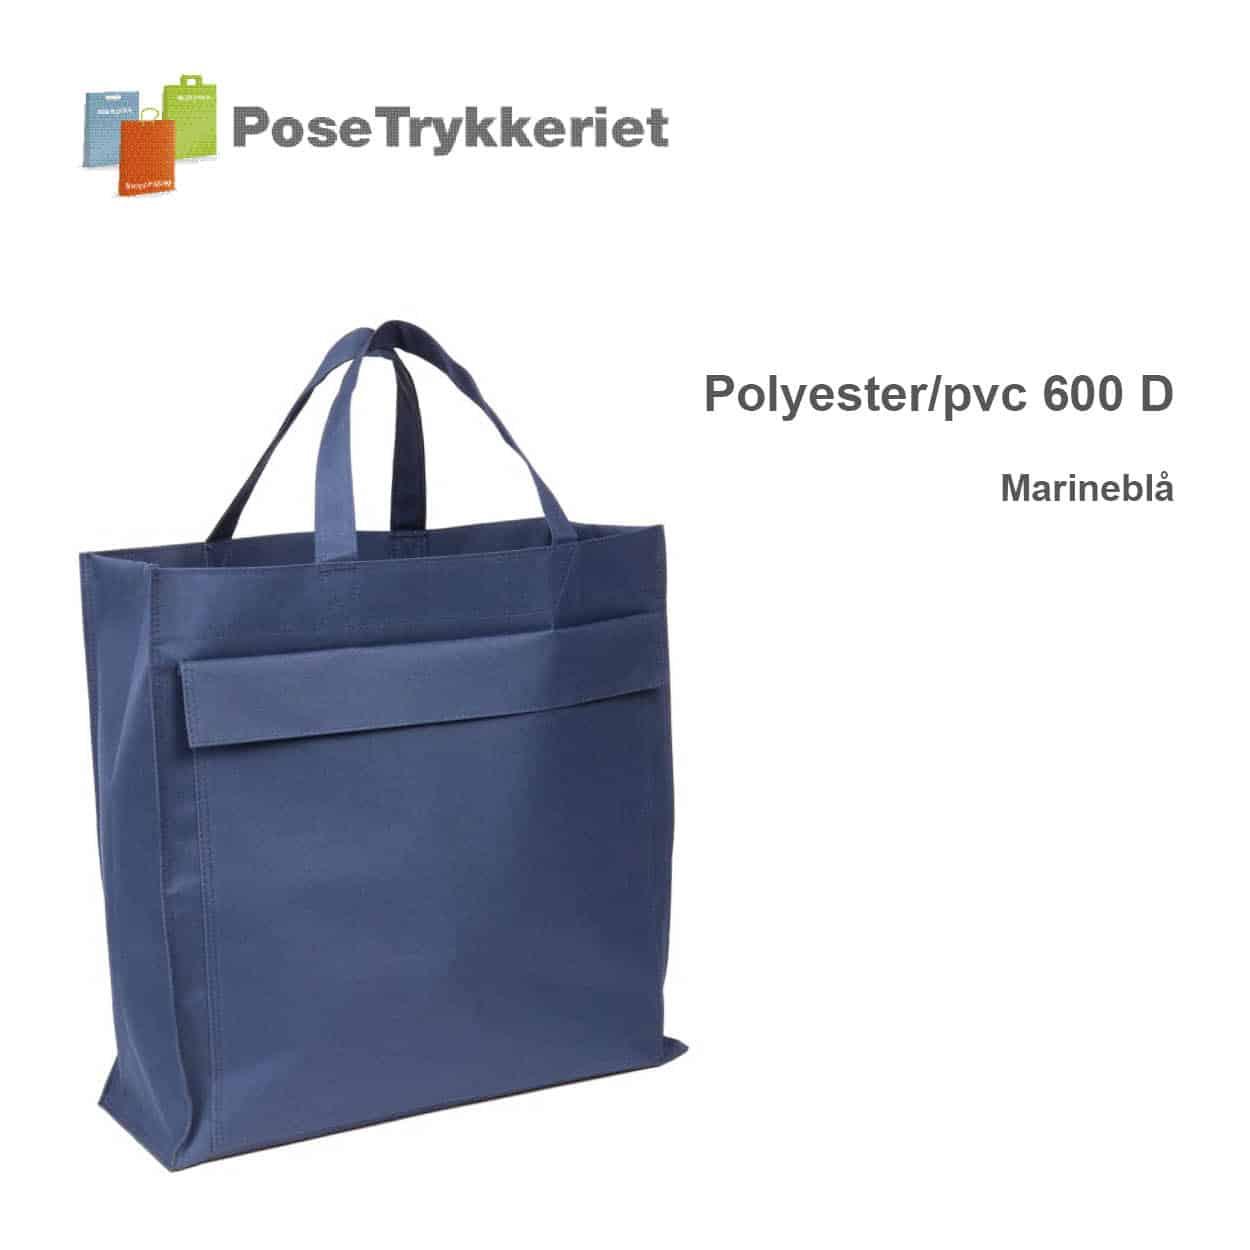 Revisor poser med korte hanke og logotryk. Marineblå, Polyester 600D. Posetrykkeriet.dk